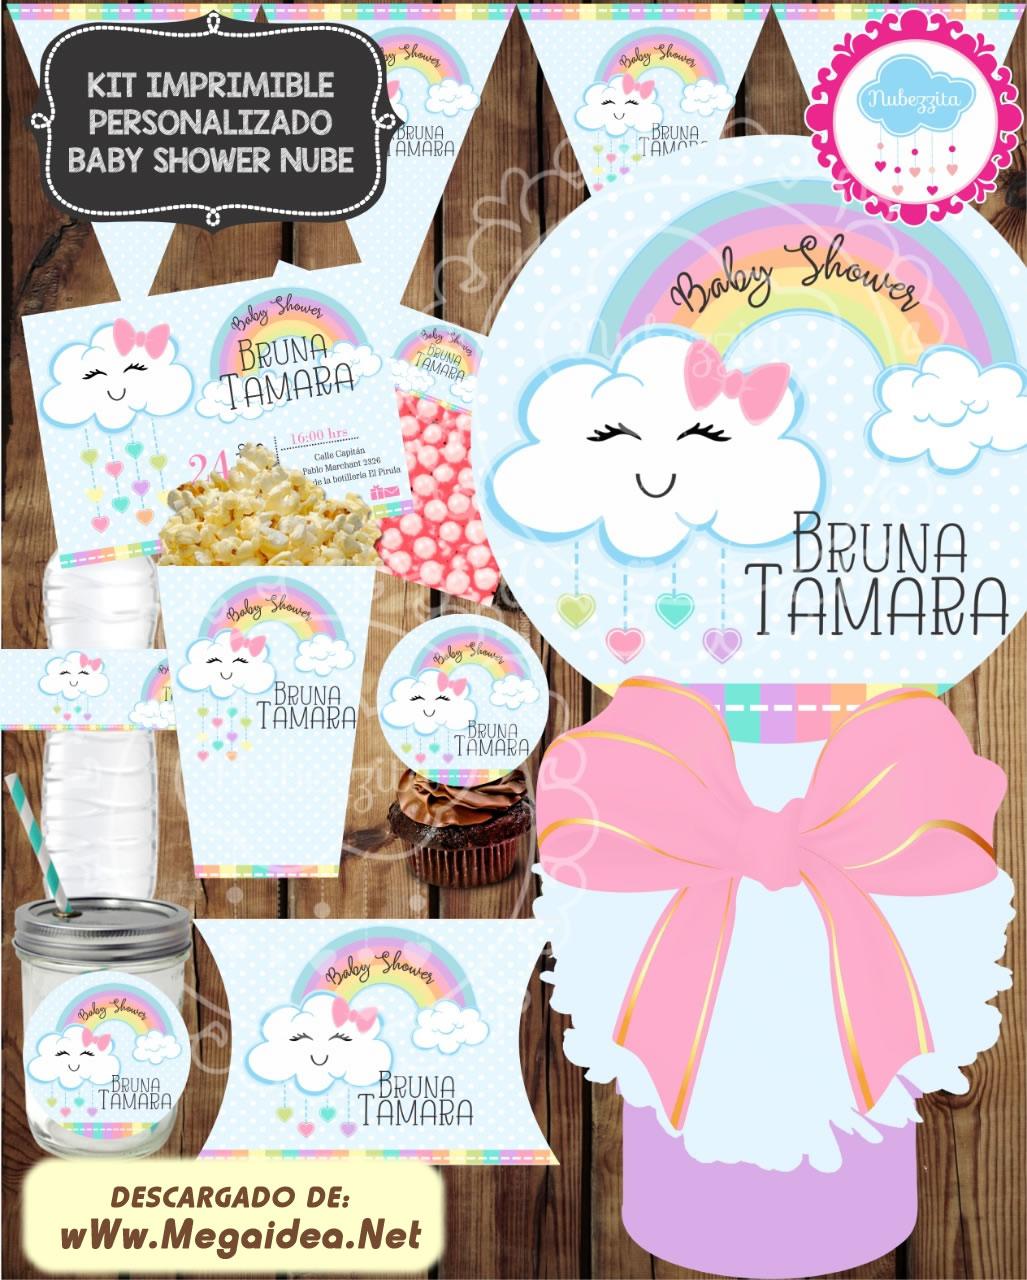 BABY SHOWER NUBE